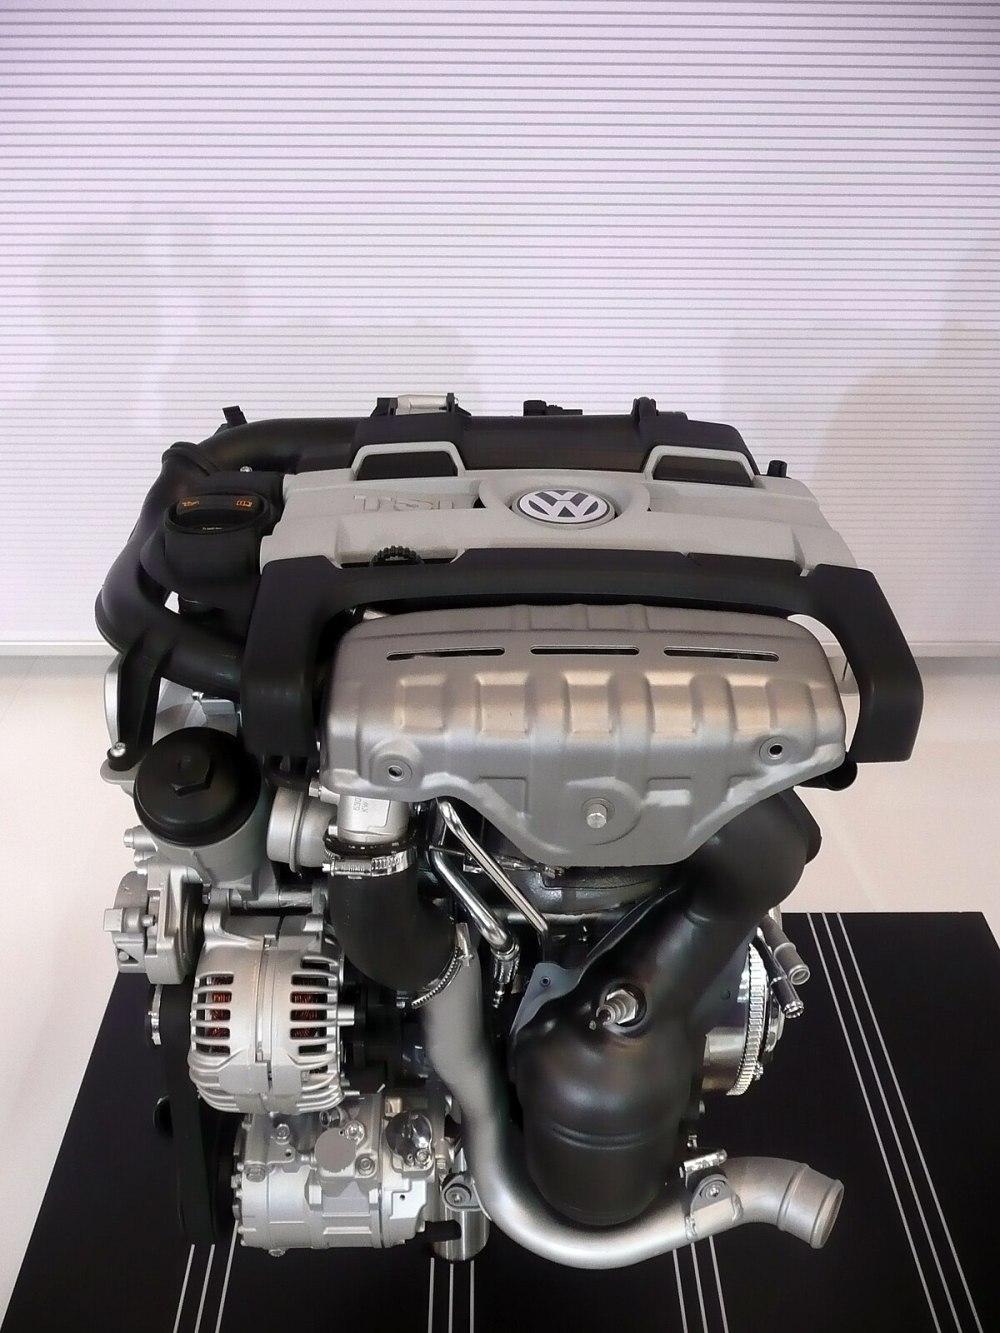 medium resolution of 24v vr6 jetta engine diagram